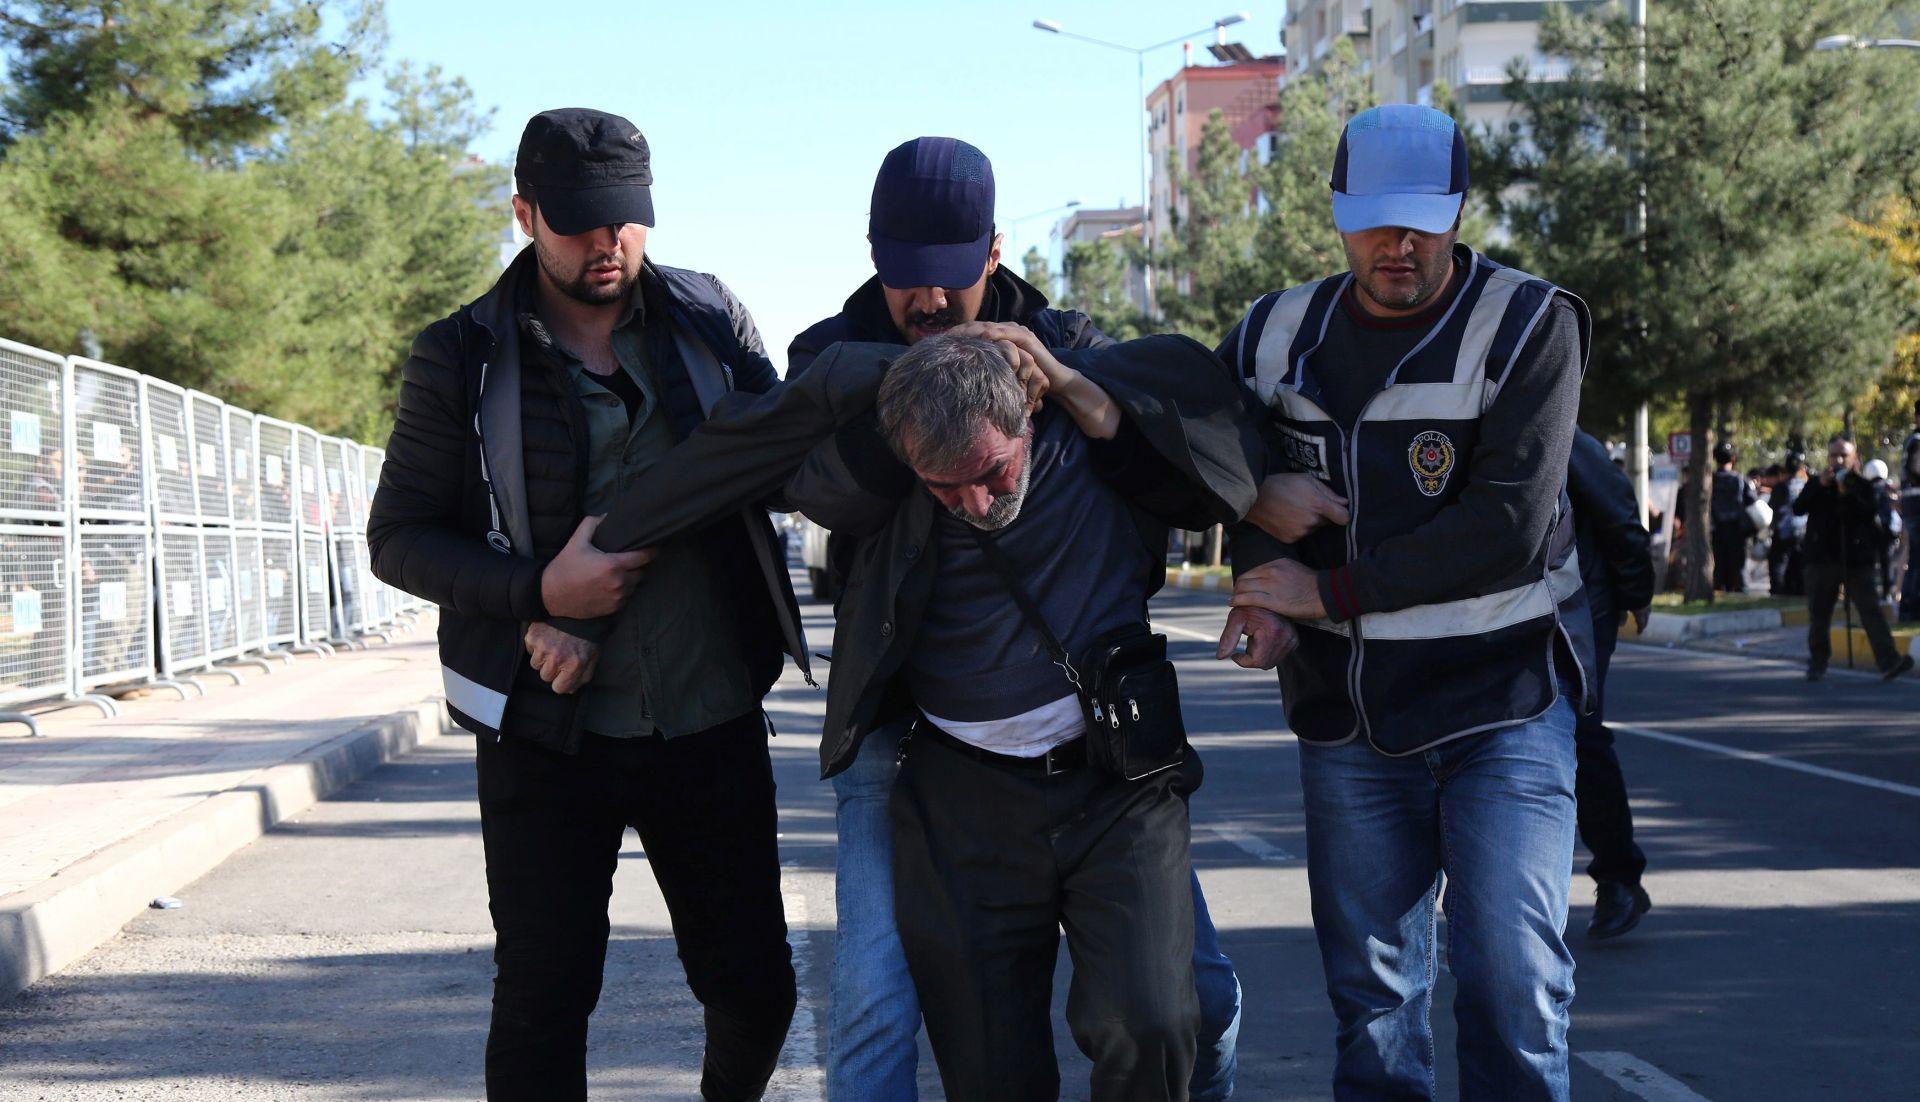 Turska prošlog tjedna uhitila 1682 ljudi pod optužbom za terorizam